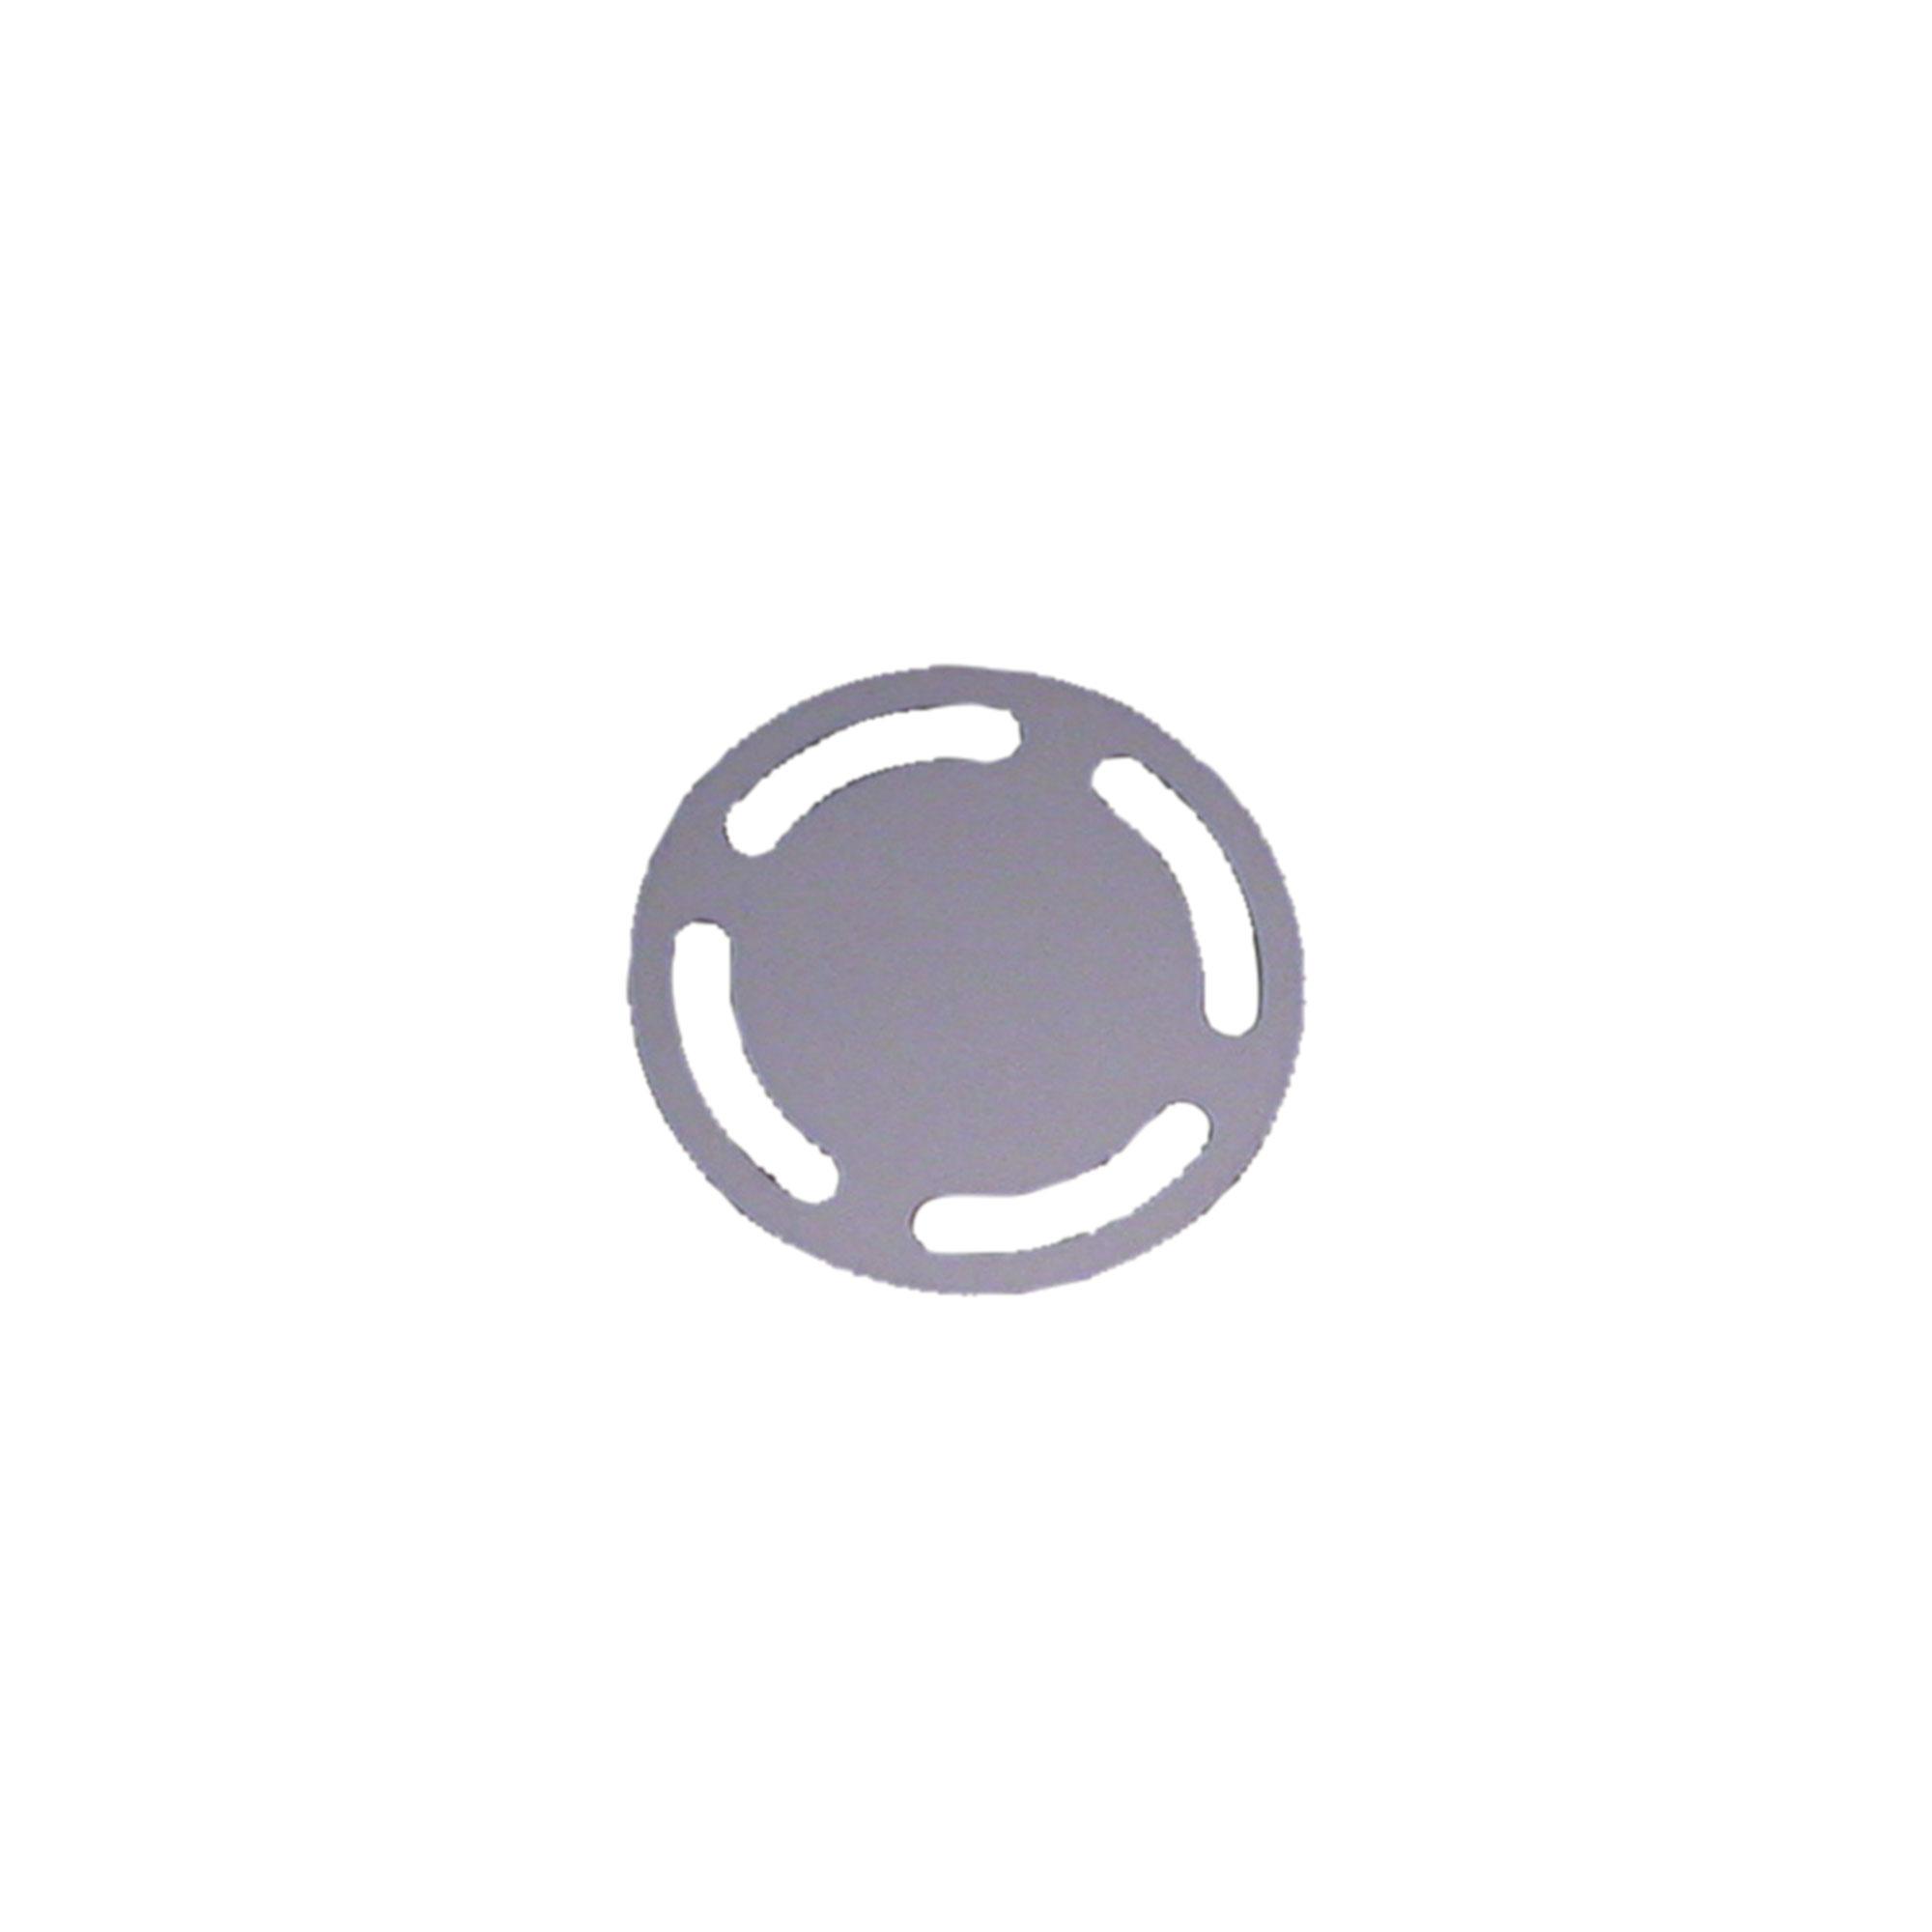 捕集板 φ25 SUS(10枚) 柴田科学(SIBATA)【Airis1.co.jp】